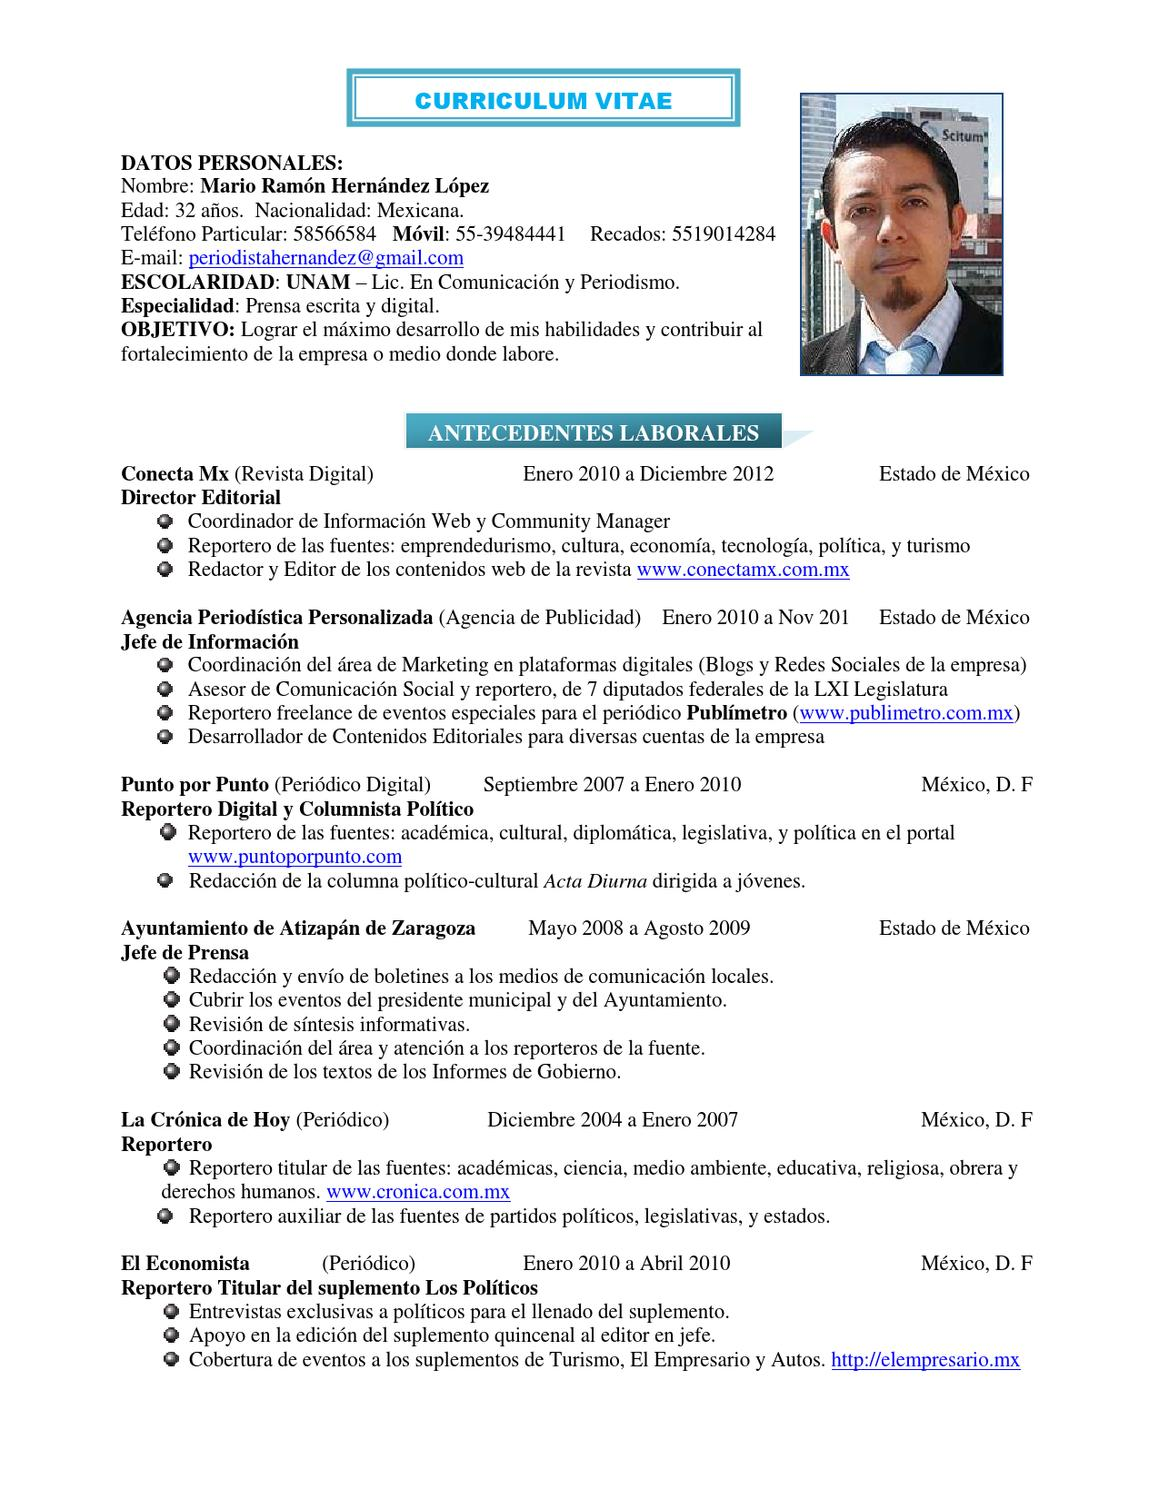 Curriculum periodista by Agencia Periodística Personalizada - issuu